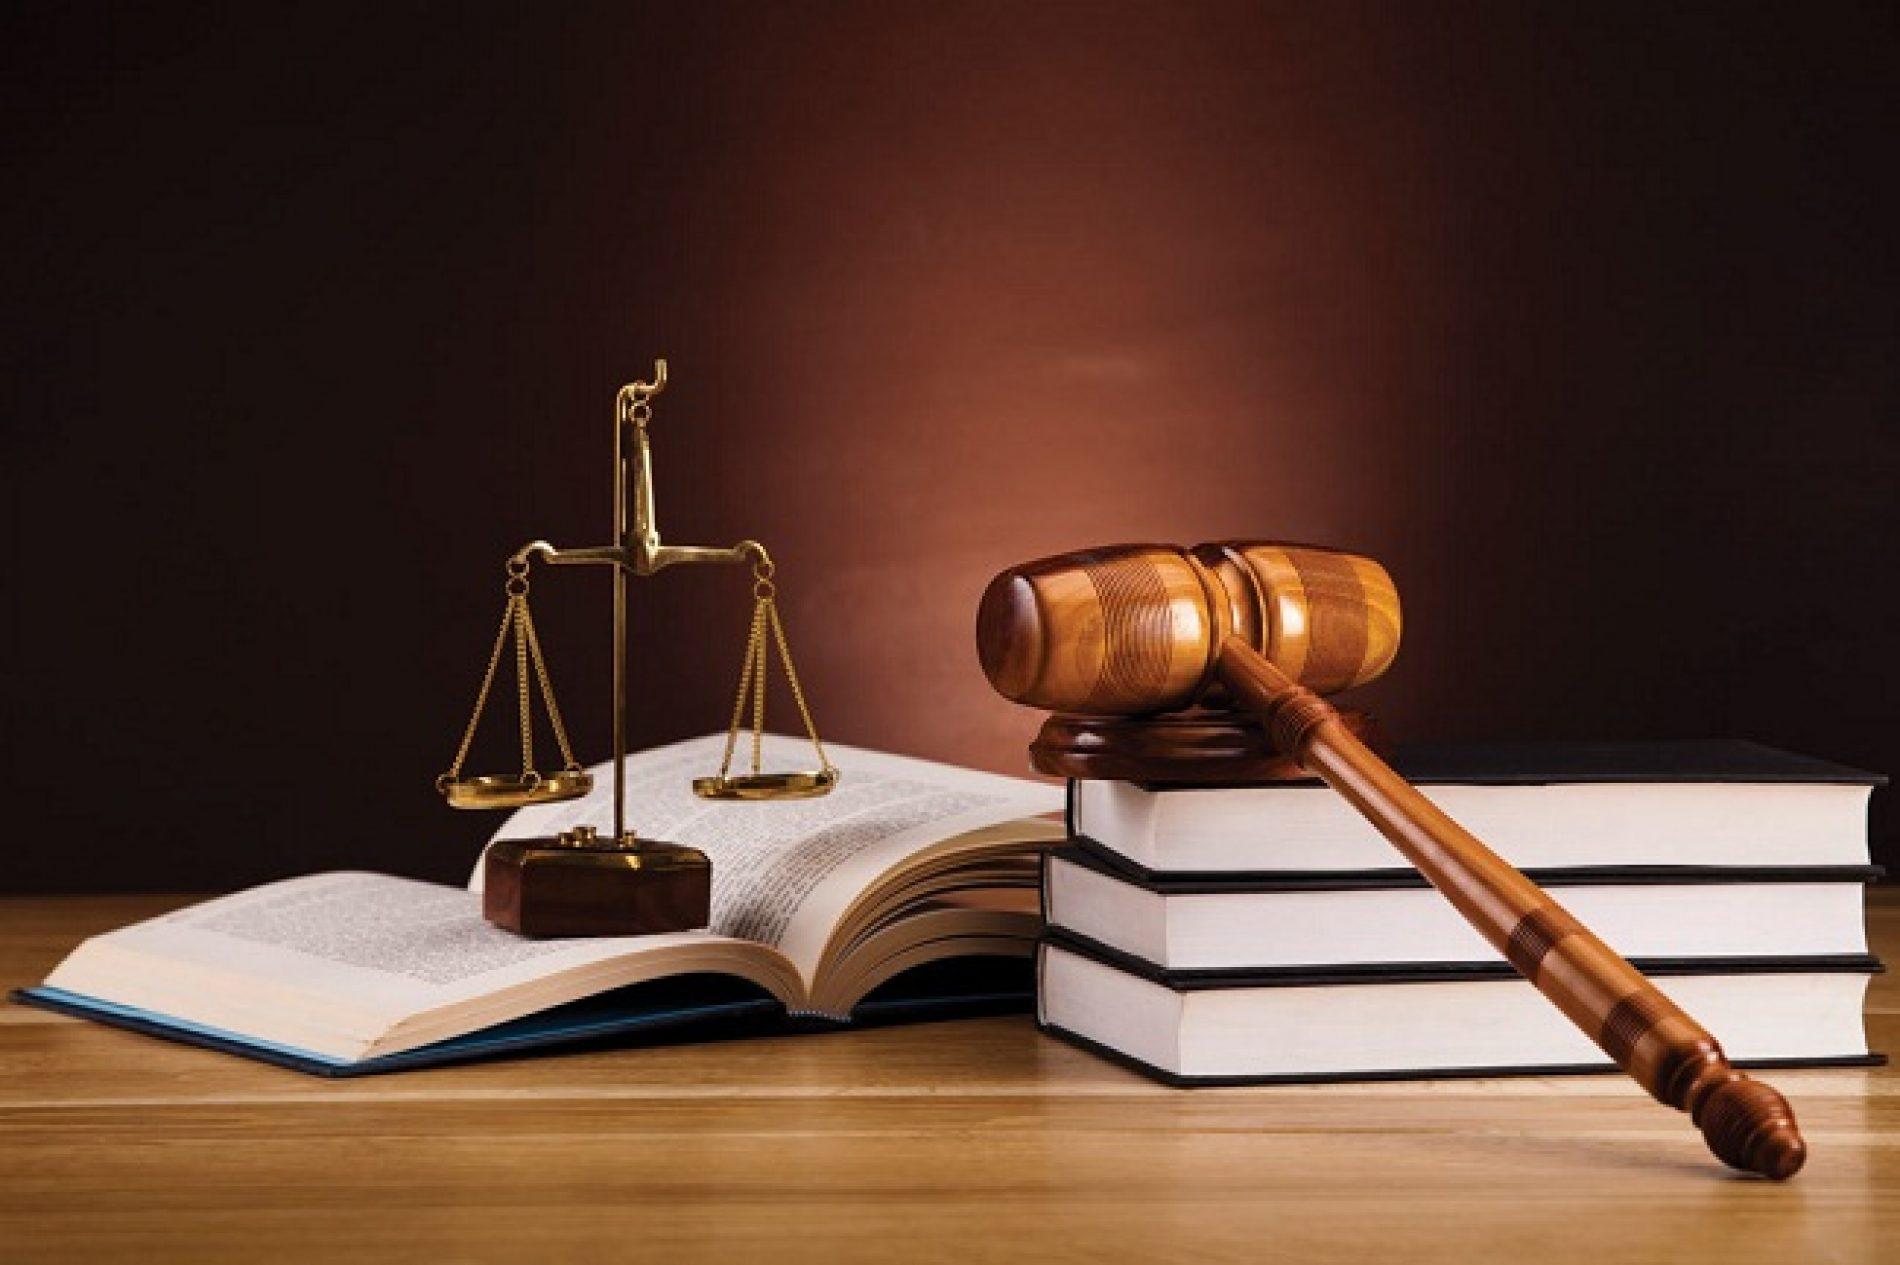 Pháp lý dự án chung cư ruby city ct3 gồm những gì?